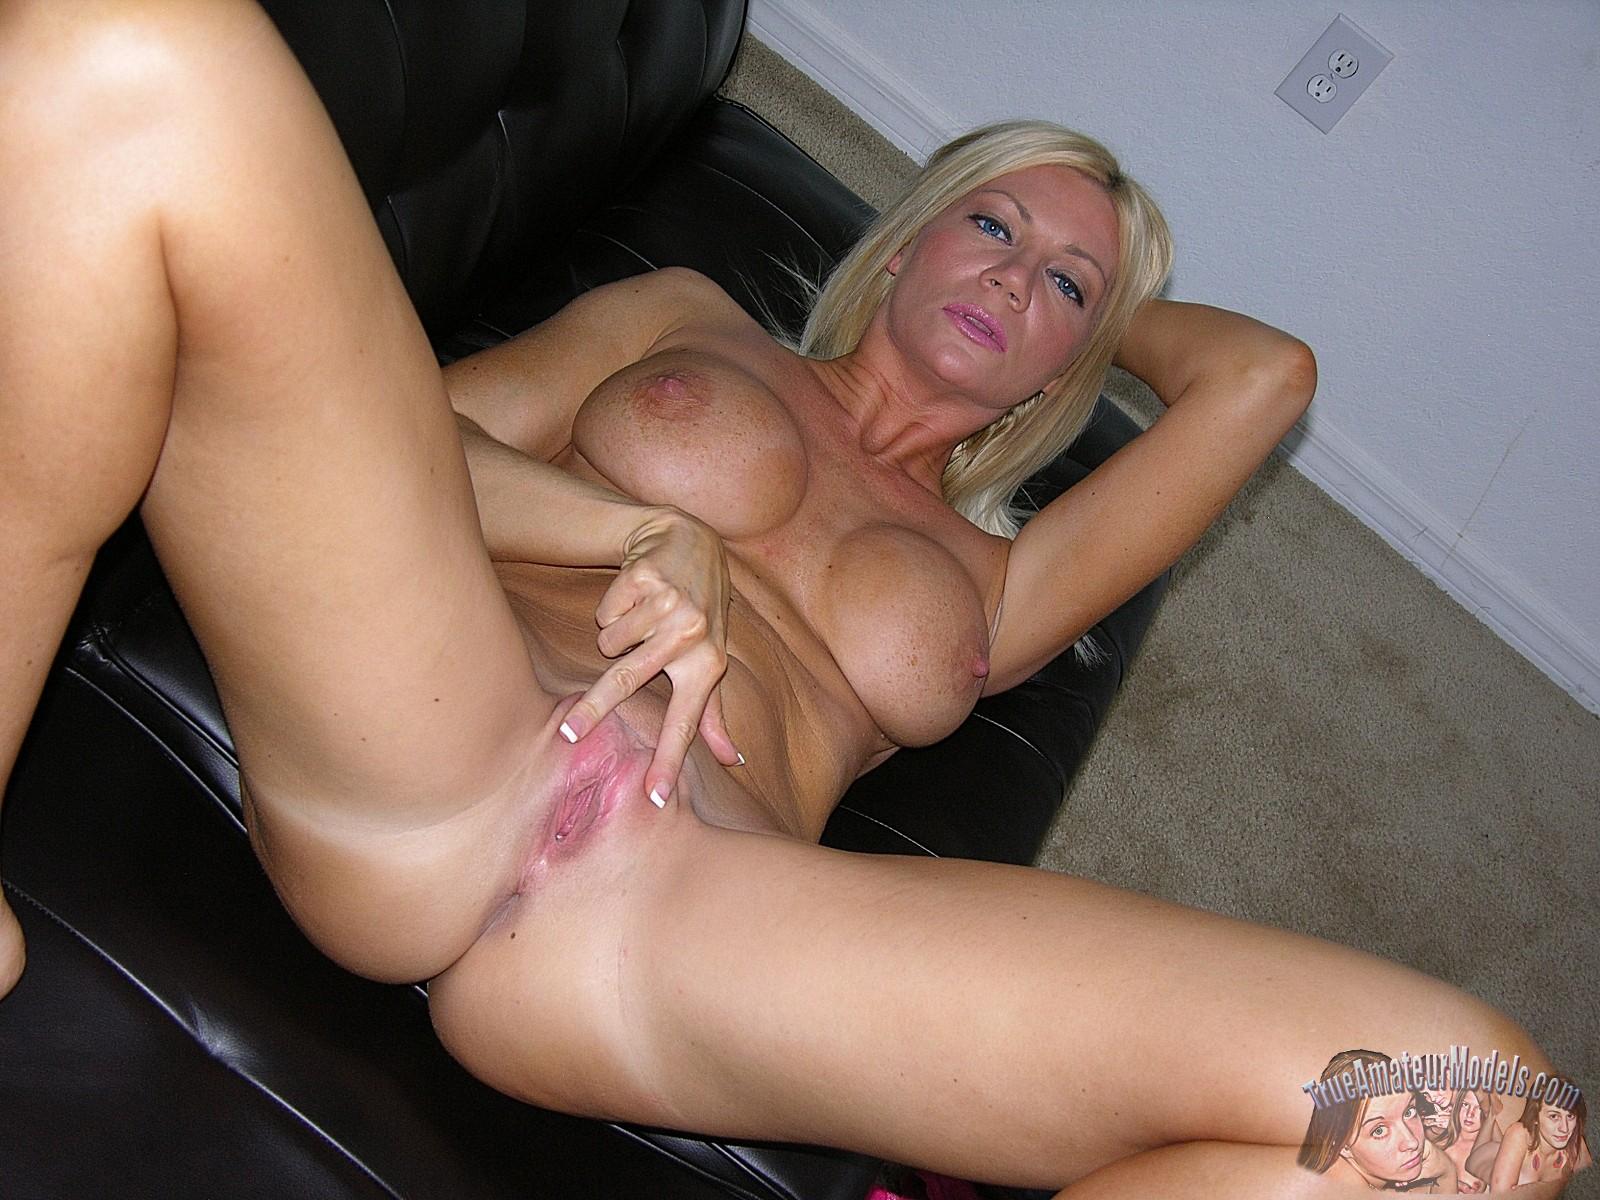 Slutty girls naked pic